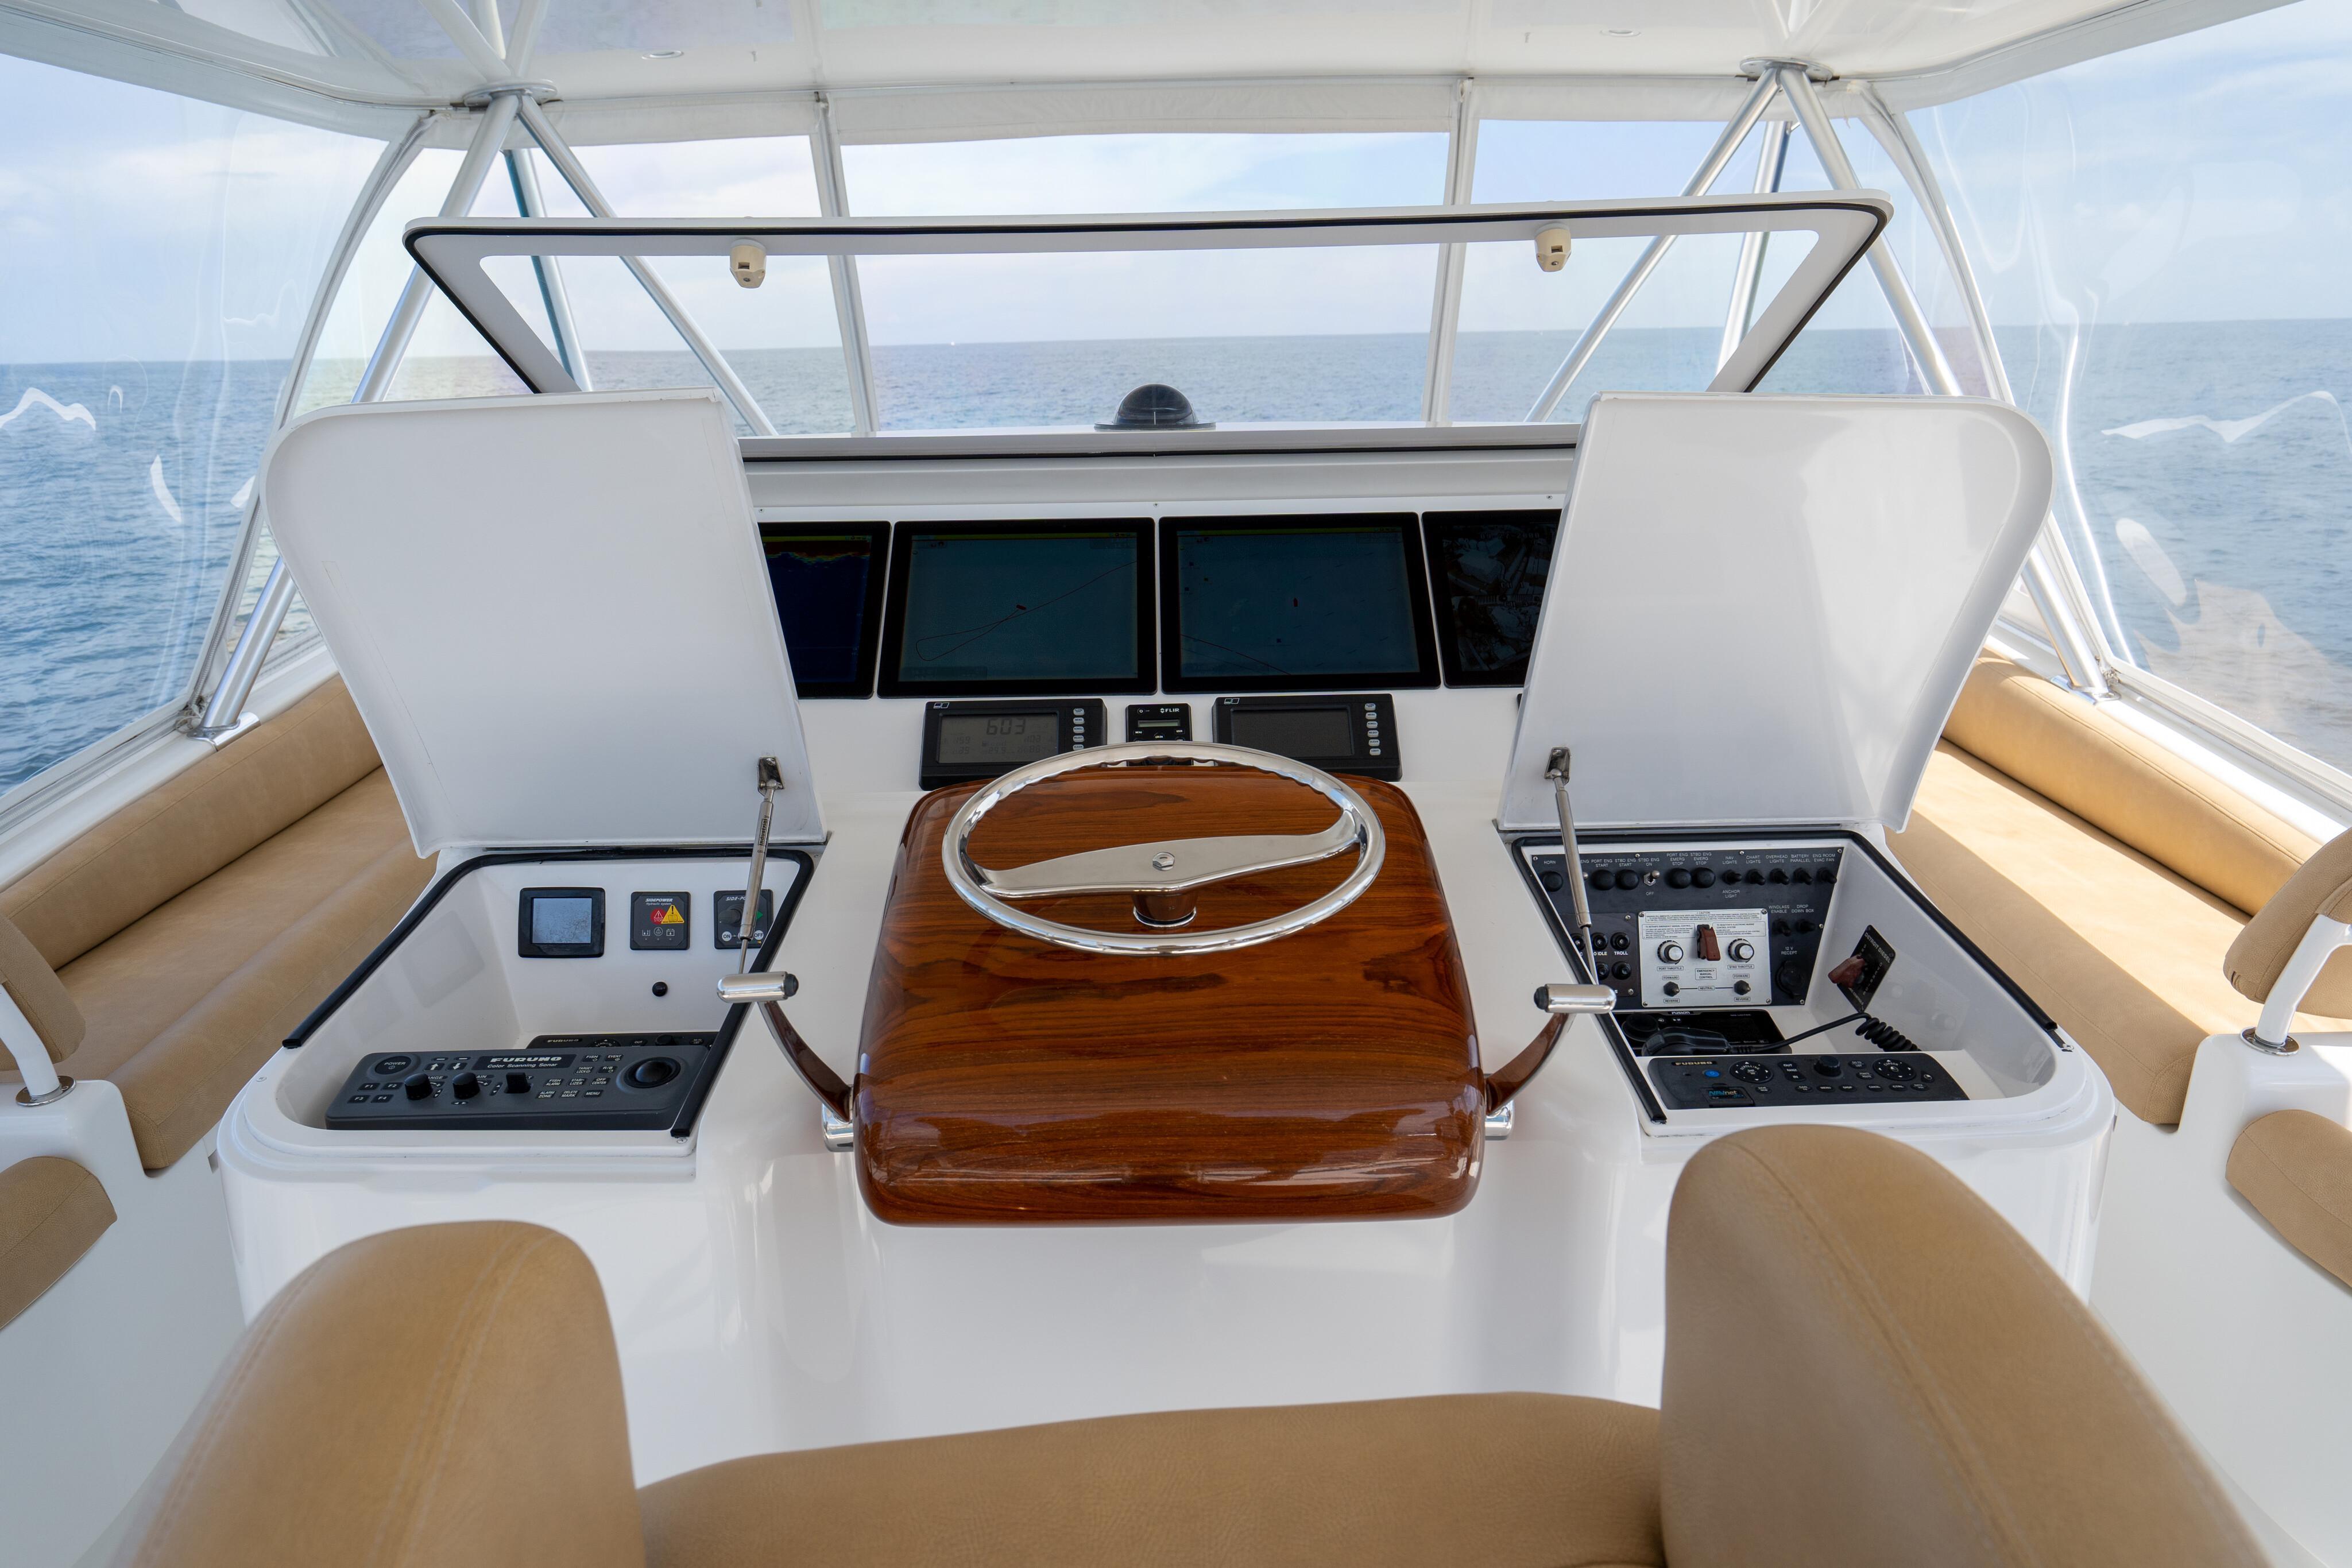 2012 76 Viking SF - Helm